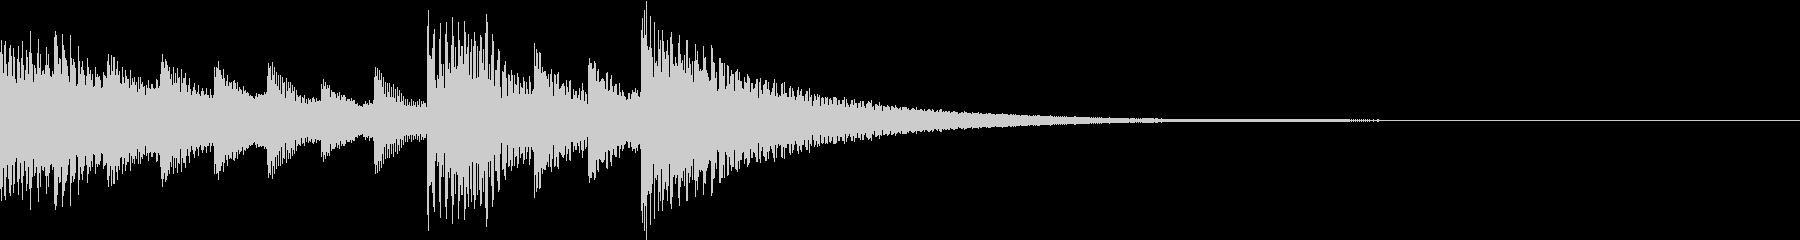 着信音にしたい優しさ溢れるマリンバの未再生の波形